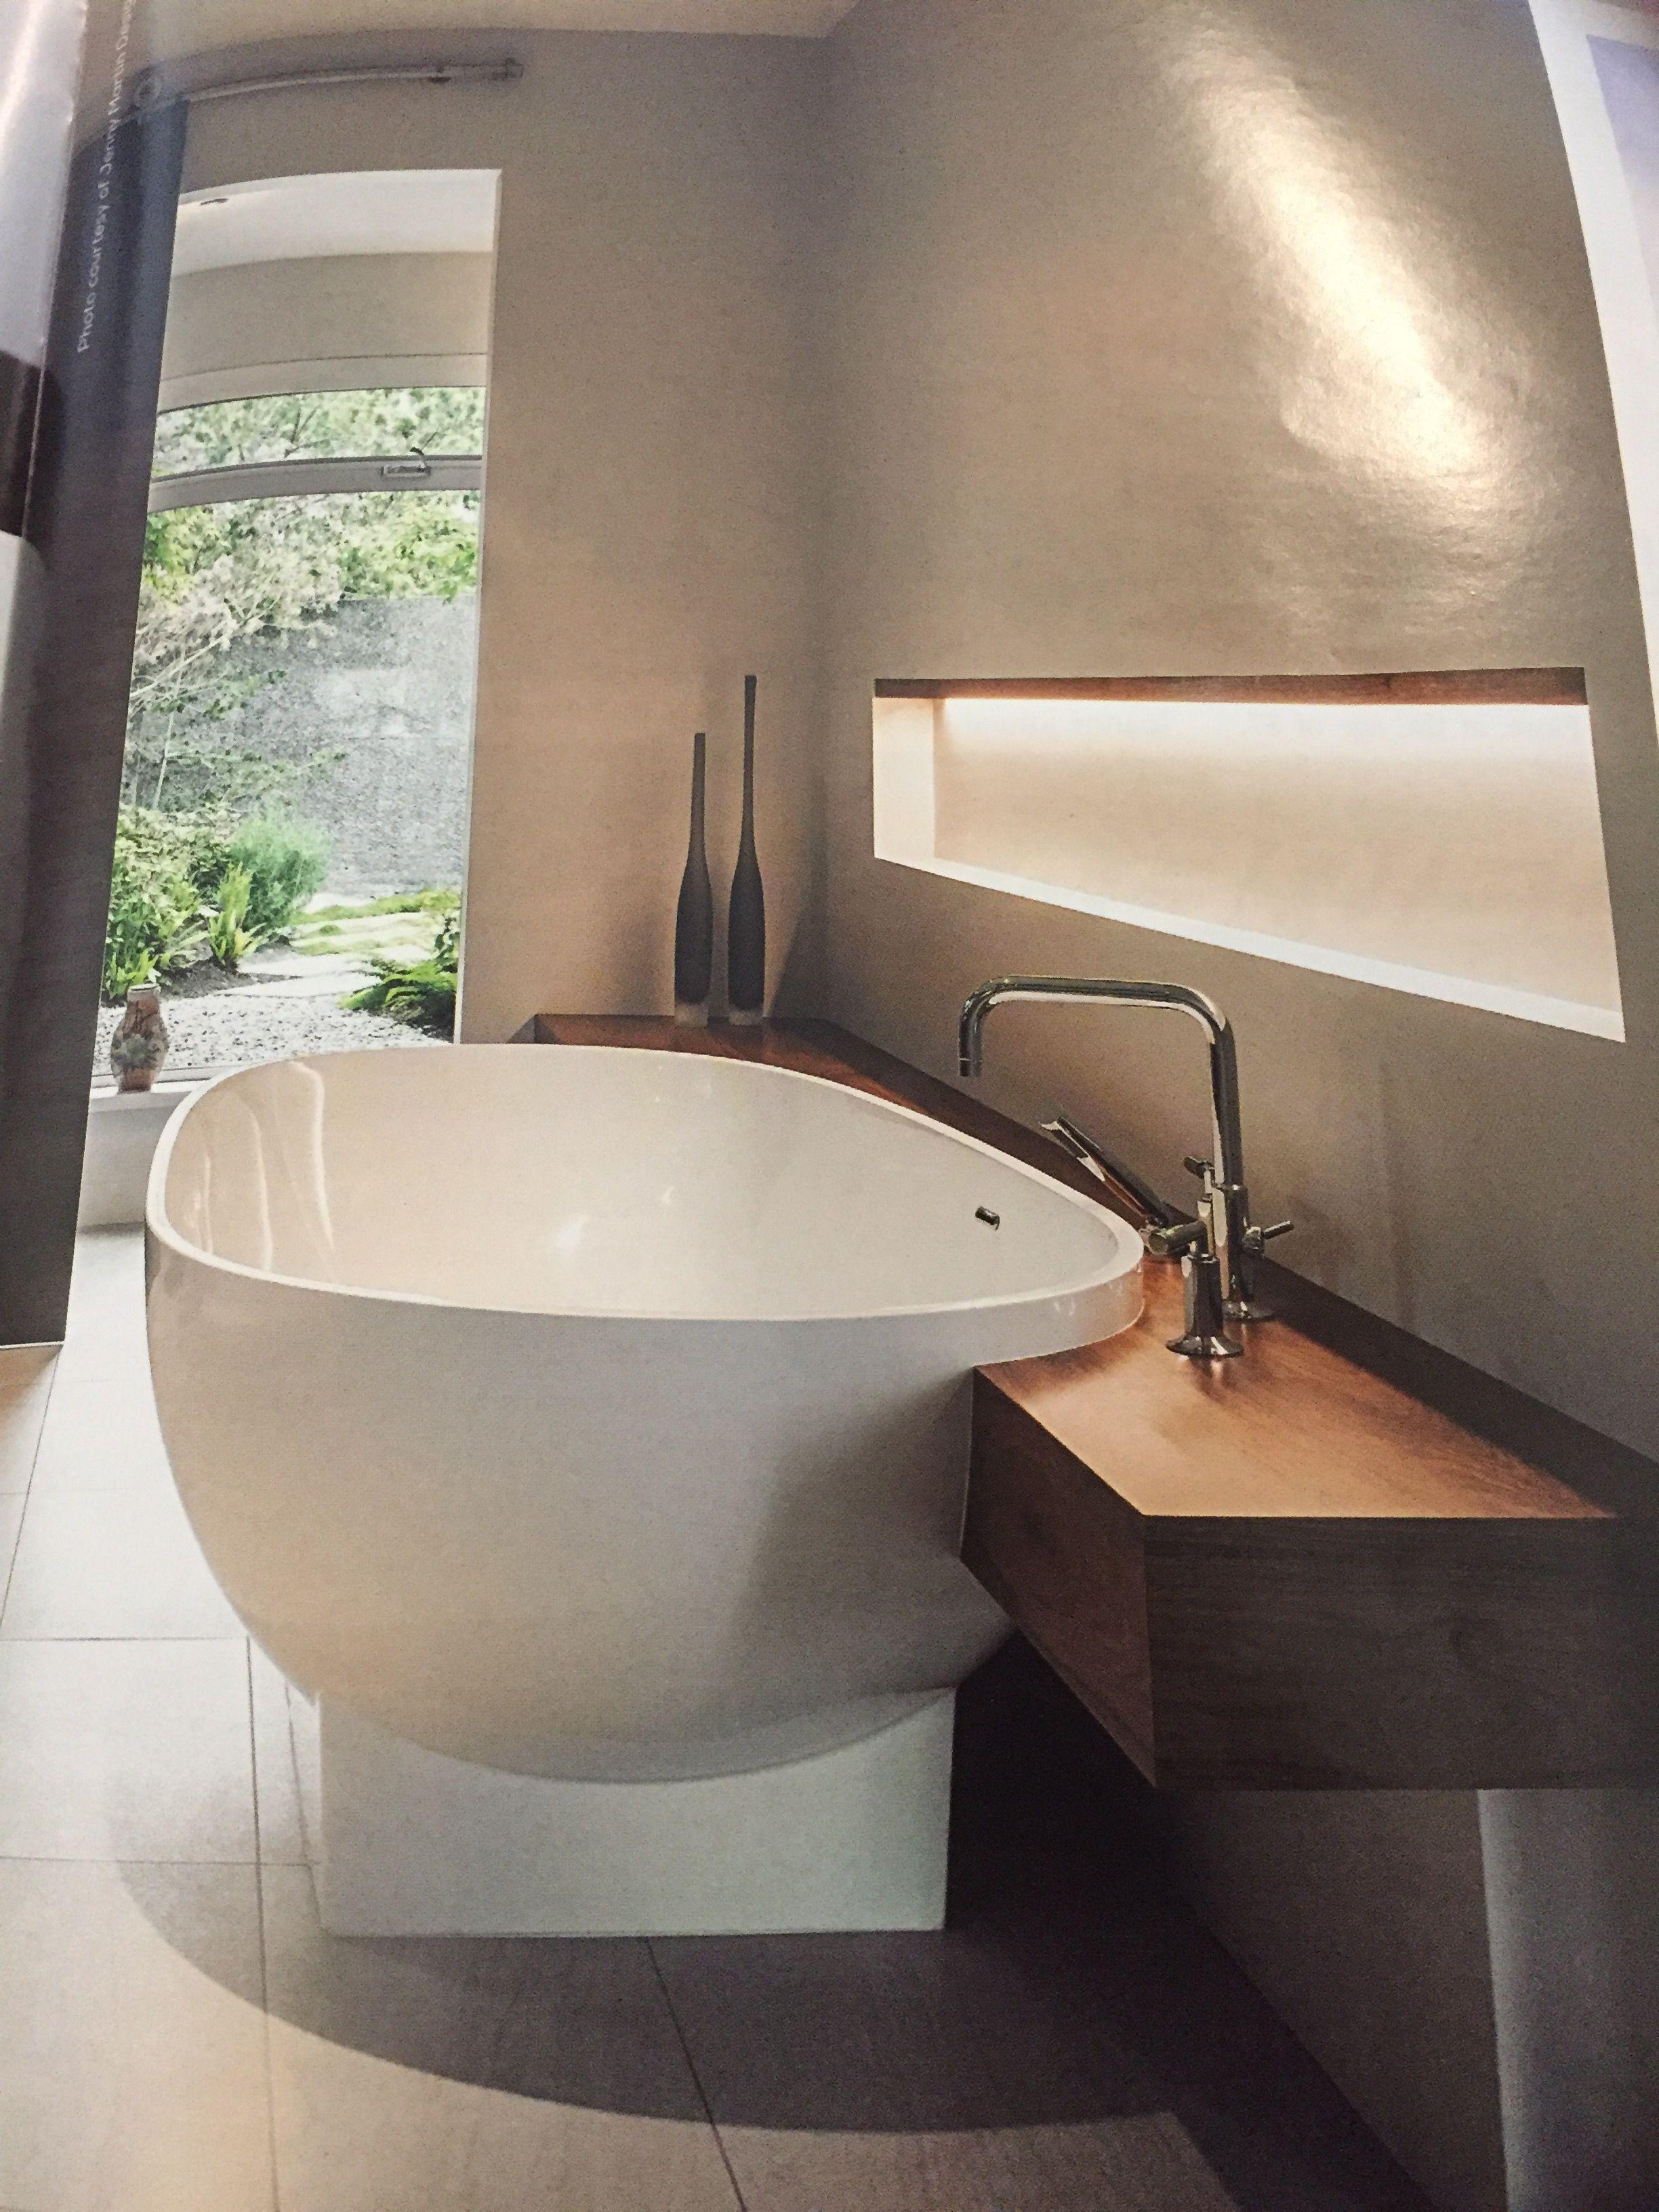 Badezimmer ideen bauernhaus pin von elviraellner auf bad  pinterest  badezimmer und baden